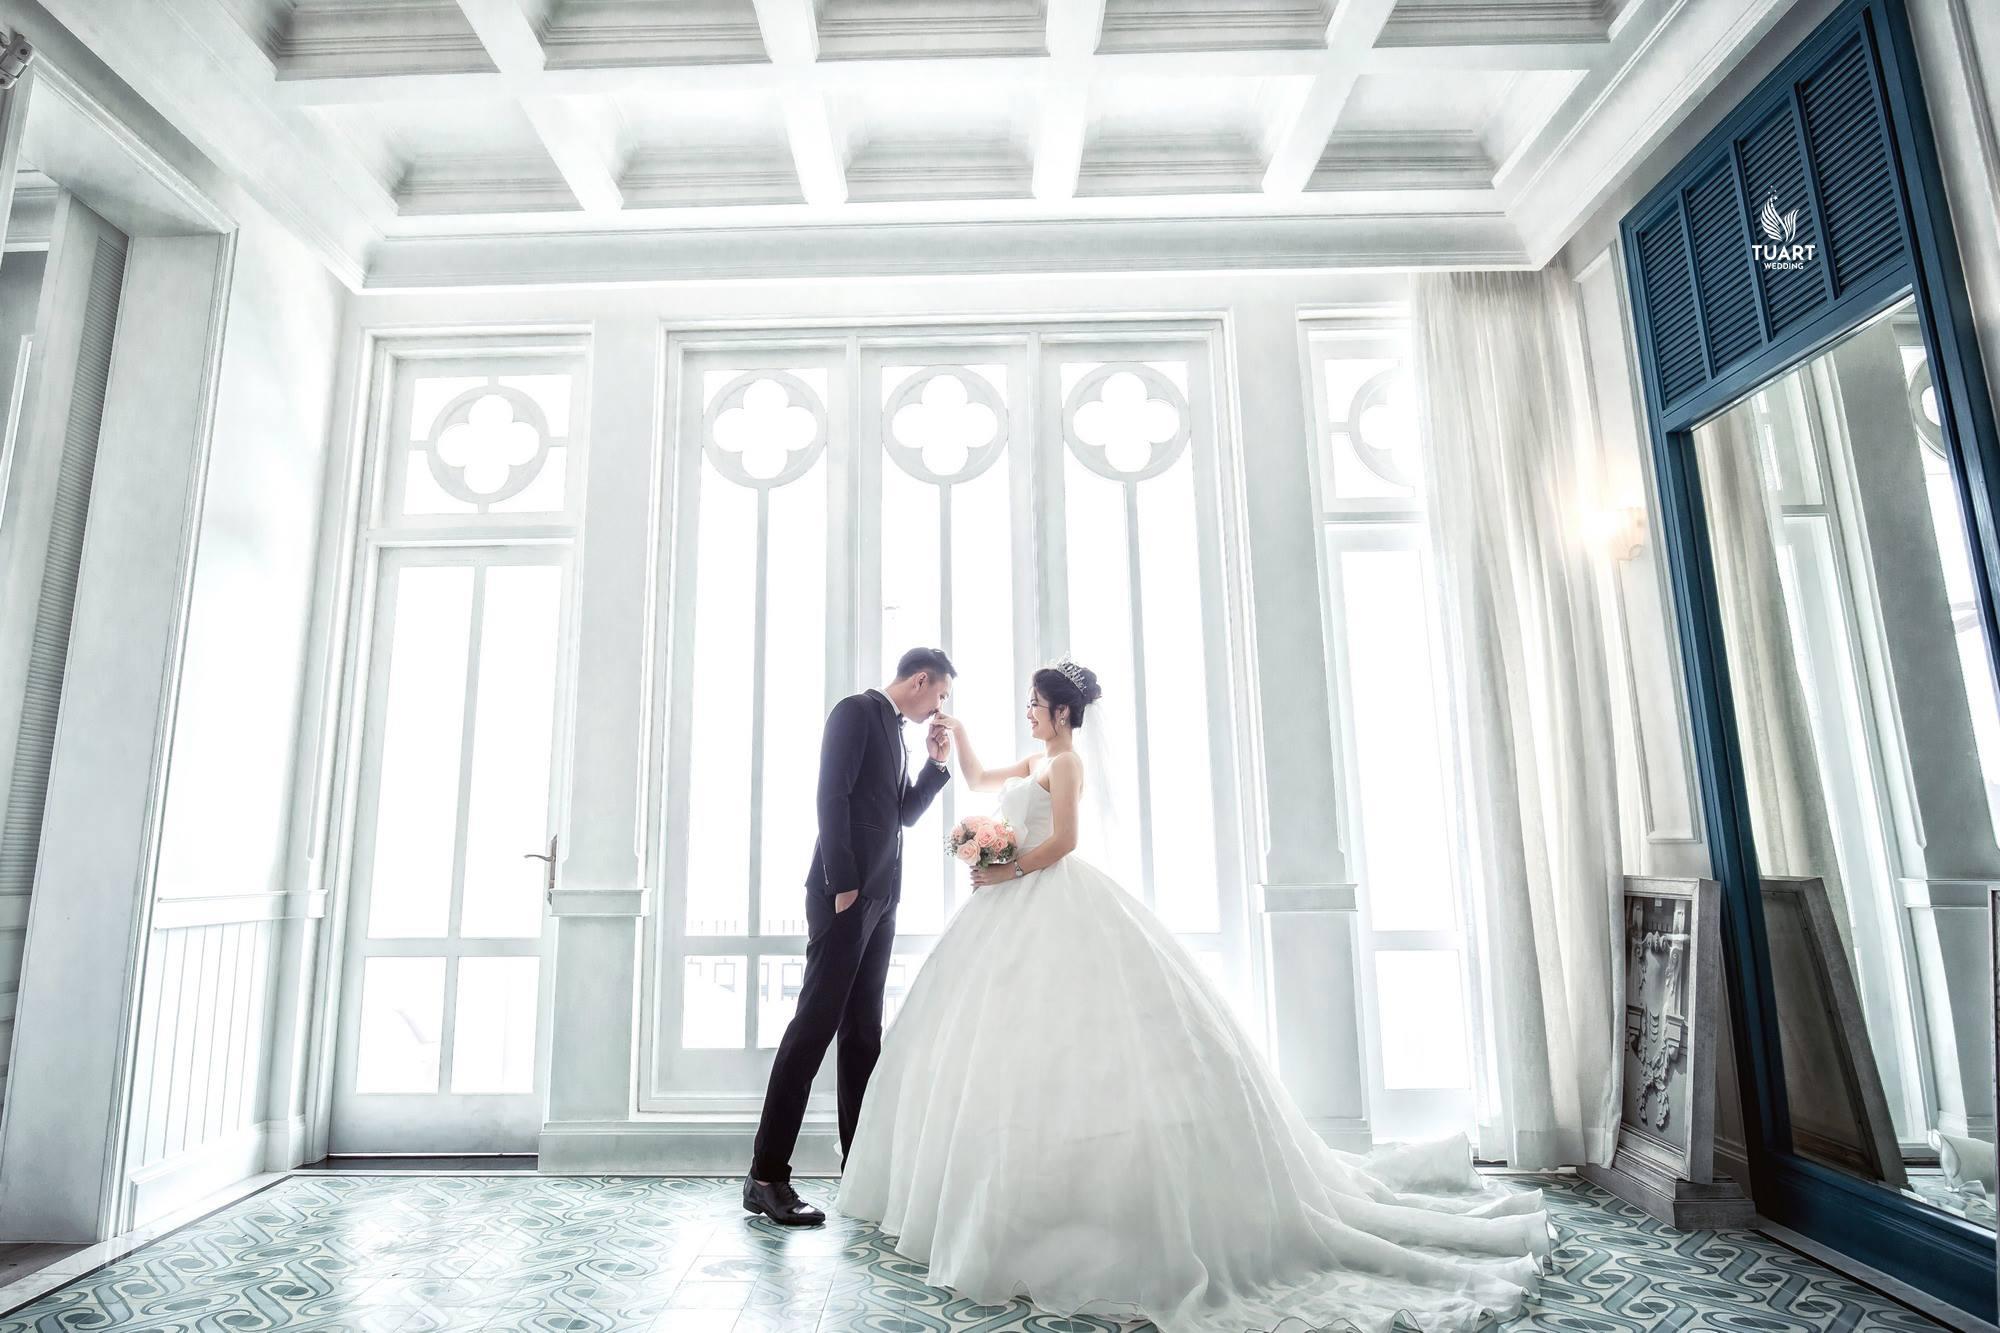 Tư vấn Studio chụp ảnh cưới đẹp Sài Gòn 2020